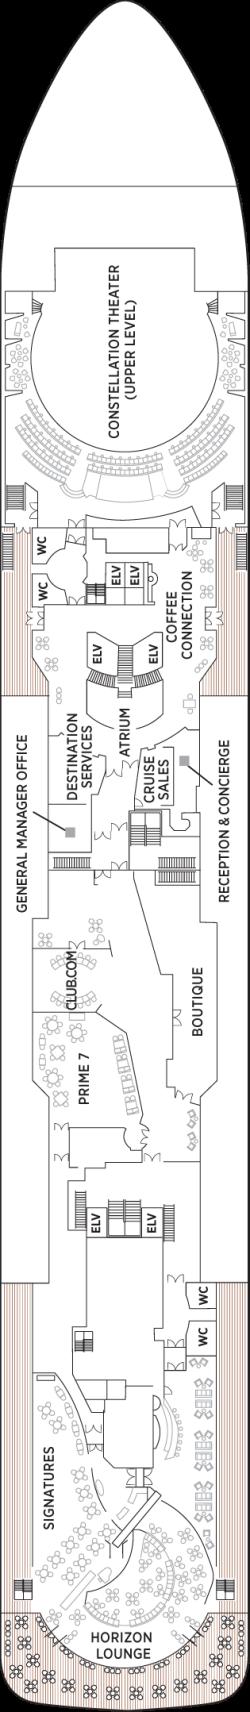 Seven Seas Voyager Deck 5: Deck 5